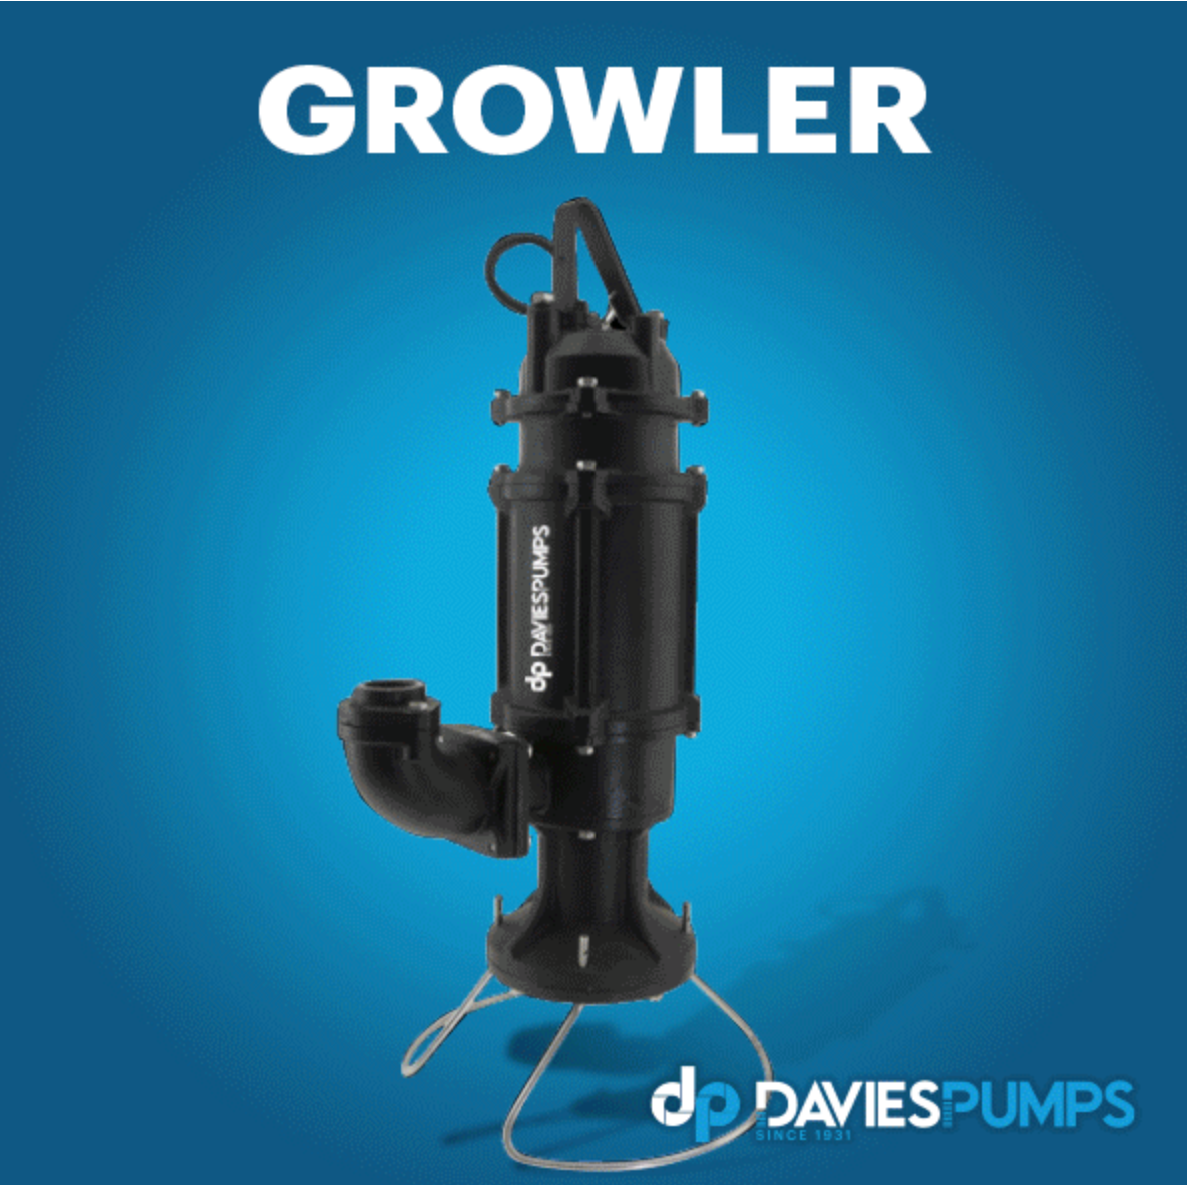 Davies Pumps Growler